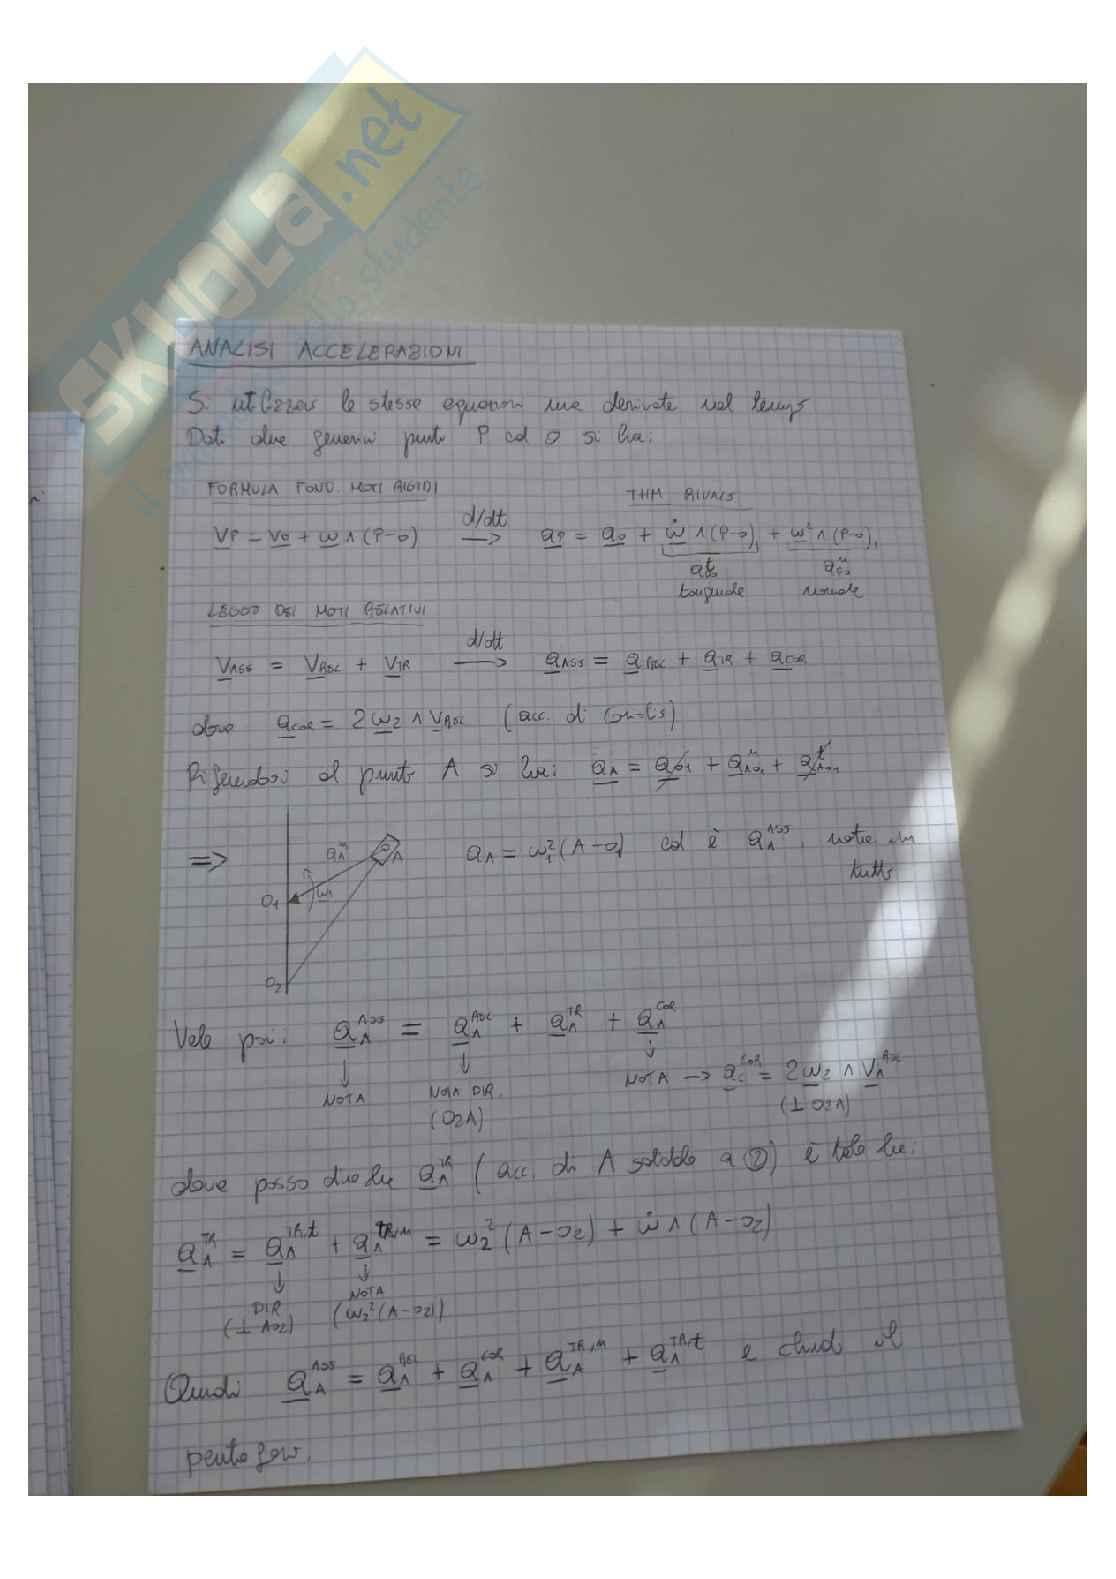 Tavole del Laboratorio di Meccanica applicata complete Pag. 11